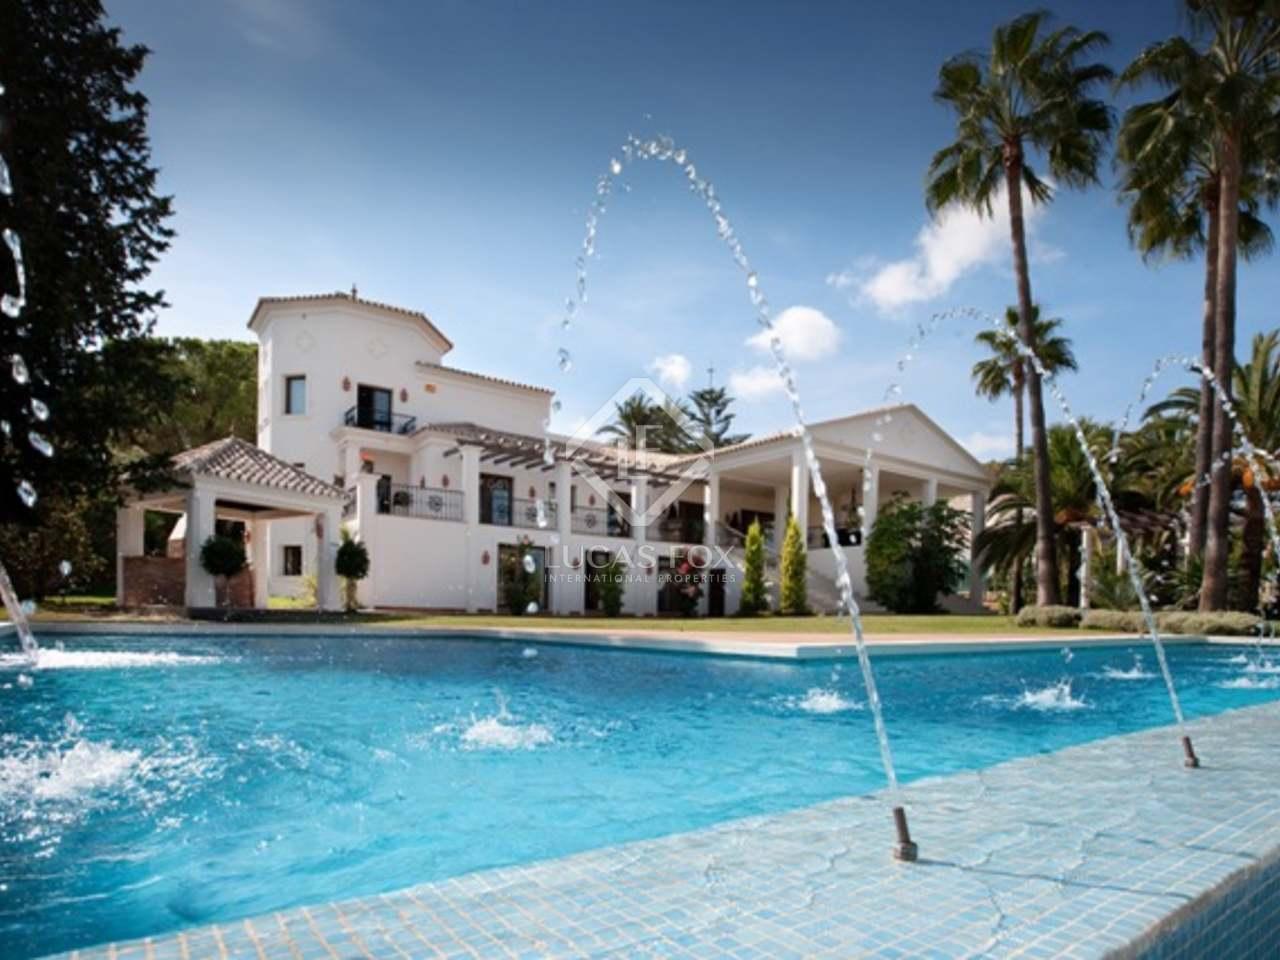 Villa de lujo de 5 dormitorios en venta en nueva andaluc a - La sala nueva andalucia ...